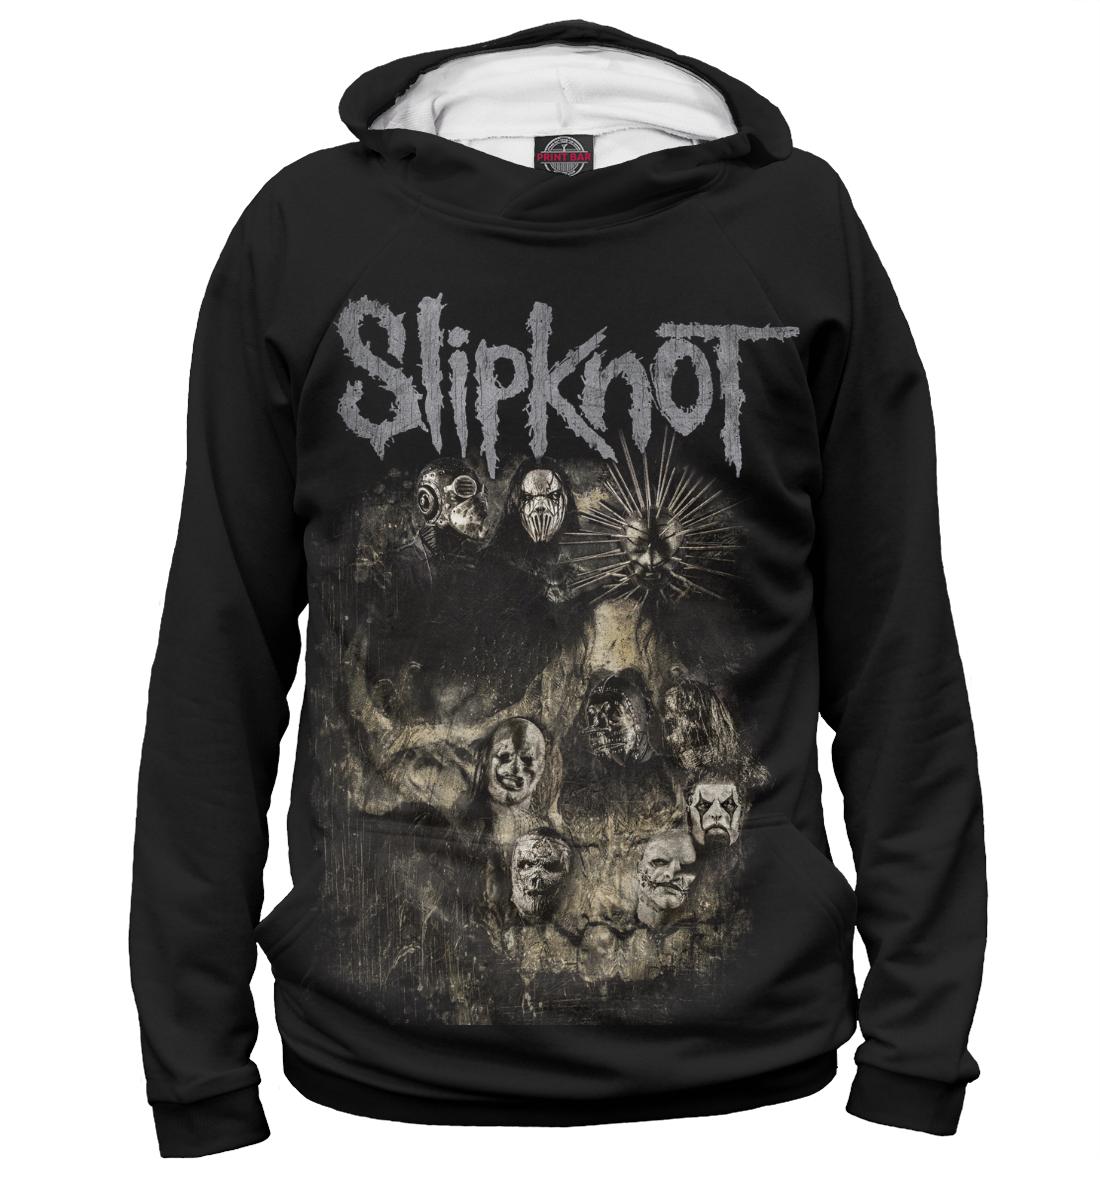 Купить Худи для мальчика Slipknot SLI-884745-hud-2